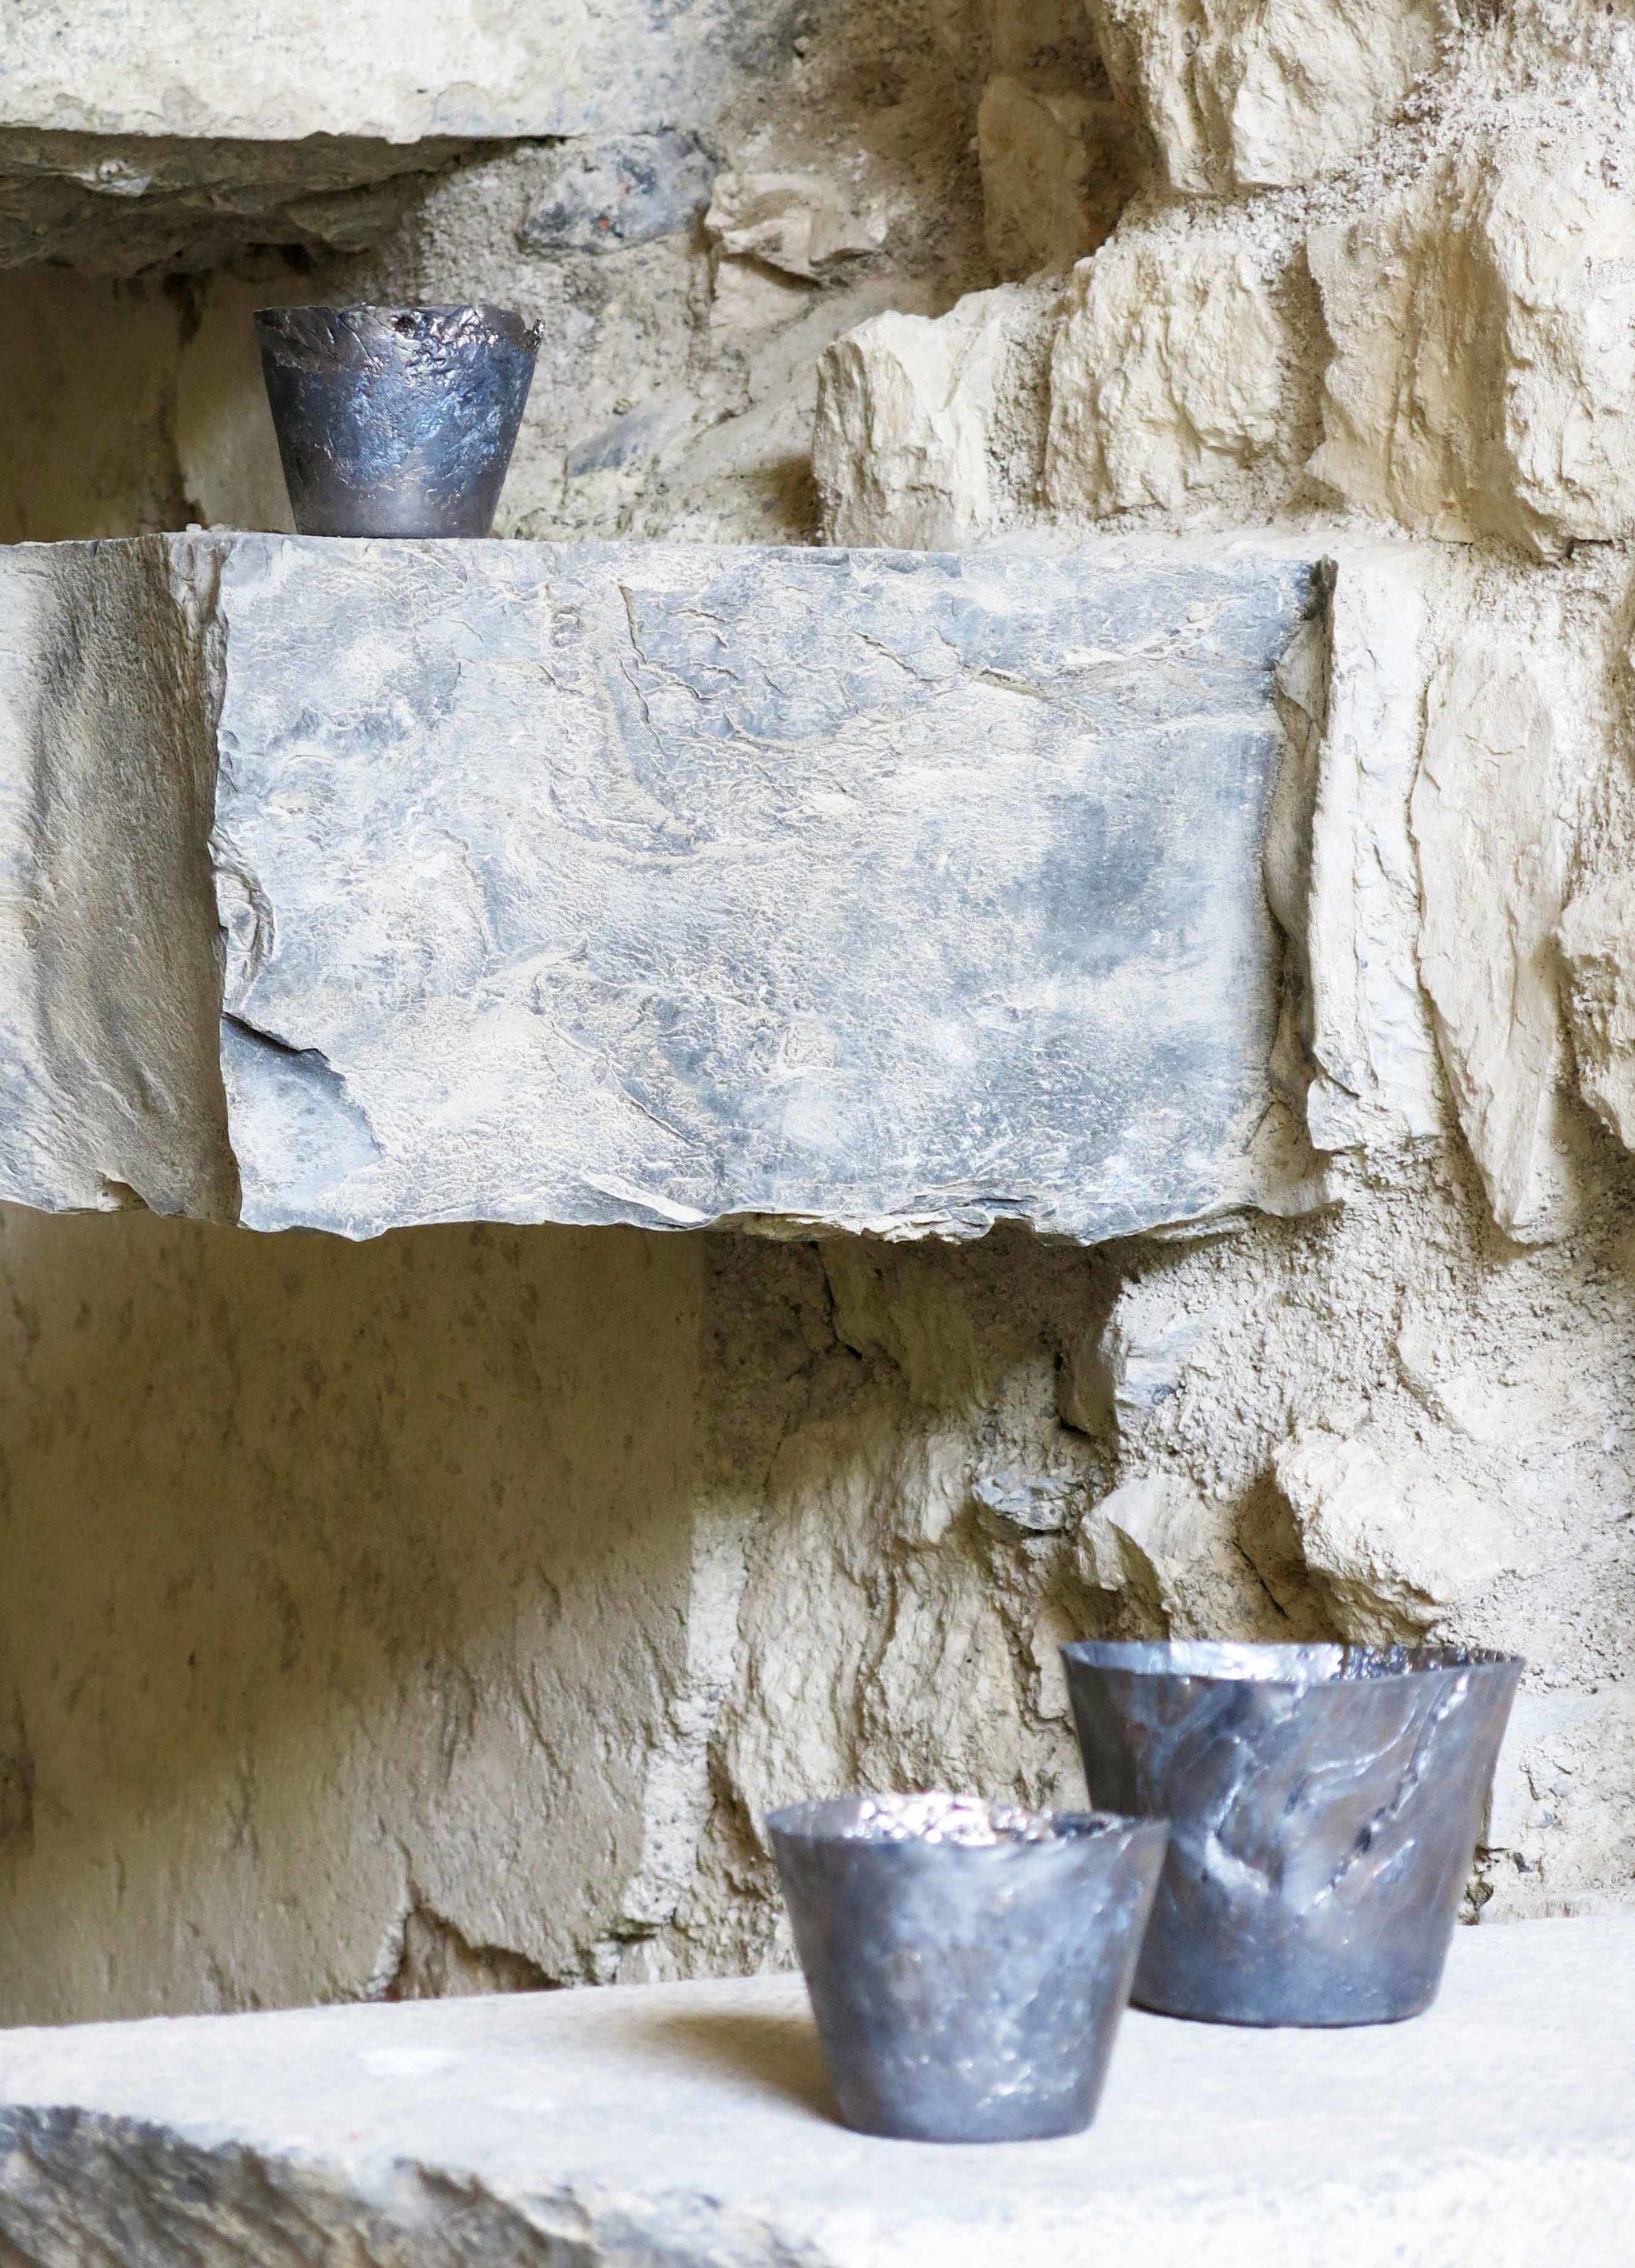 Ciotole in piombo ricavate dalla fusione di reperti trovati sulle Dolomiti